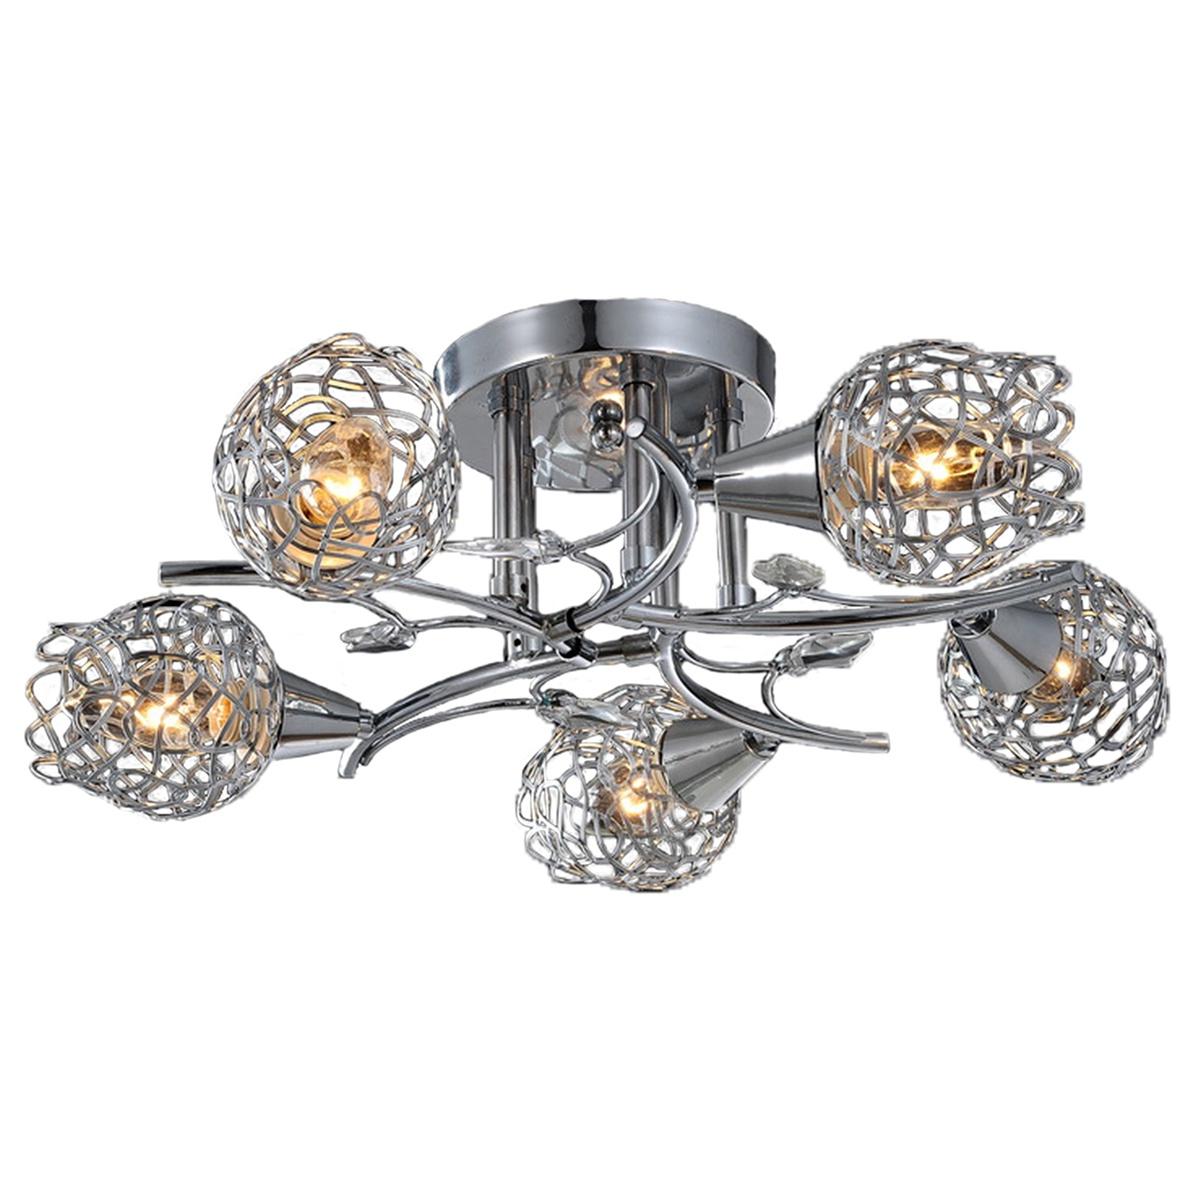 Потолочный светильник Toscom Dionis, E14, 60Вт Вт бра dionis 89898